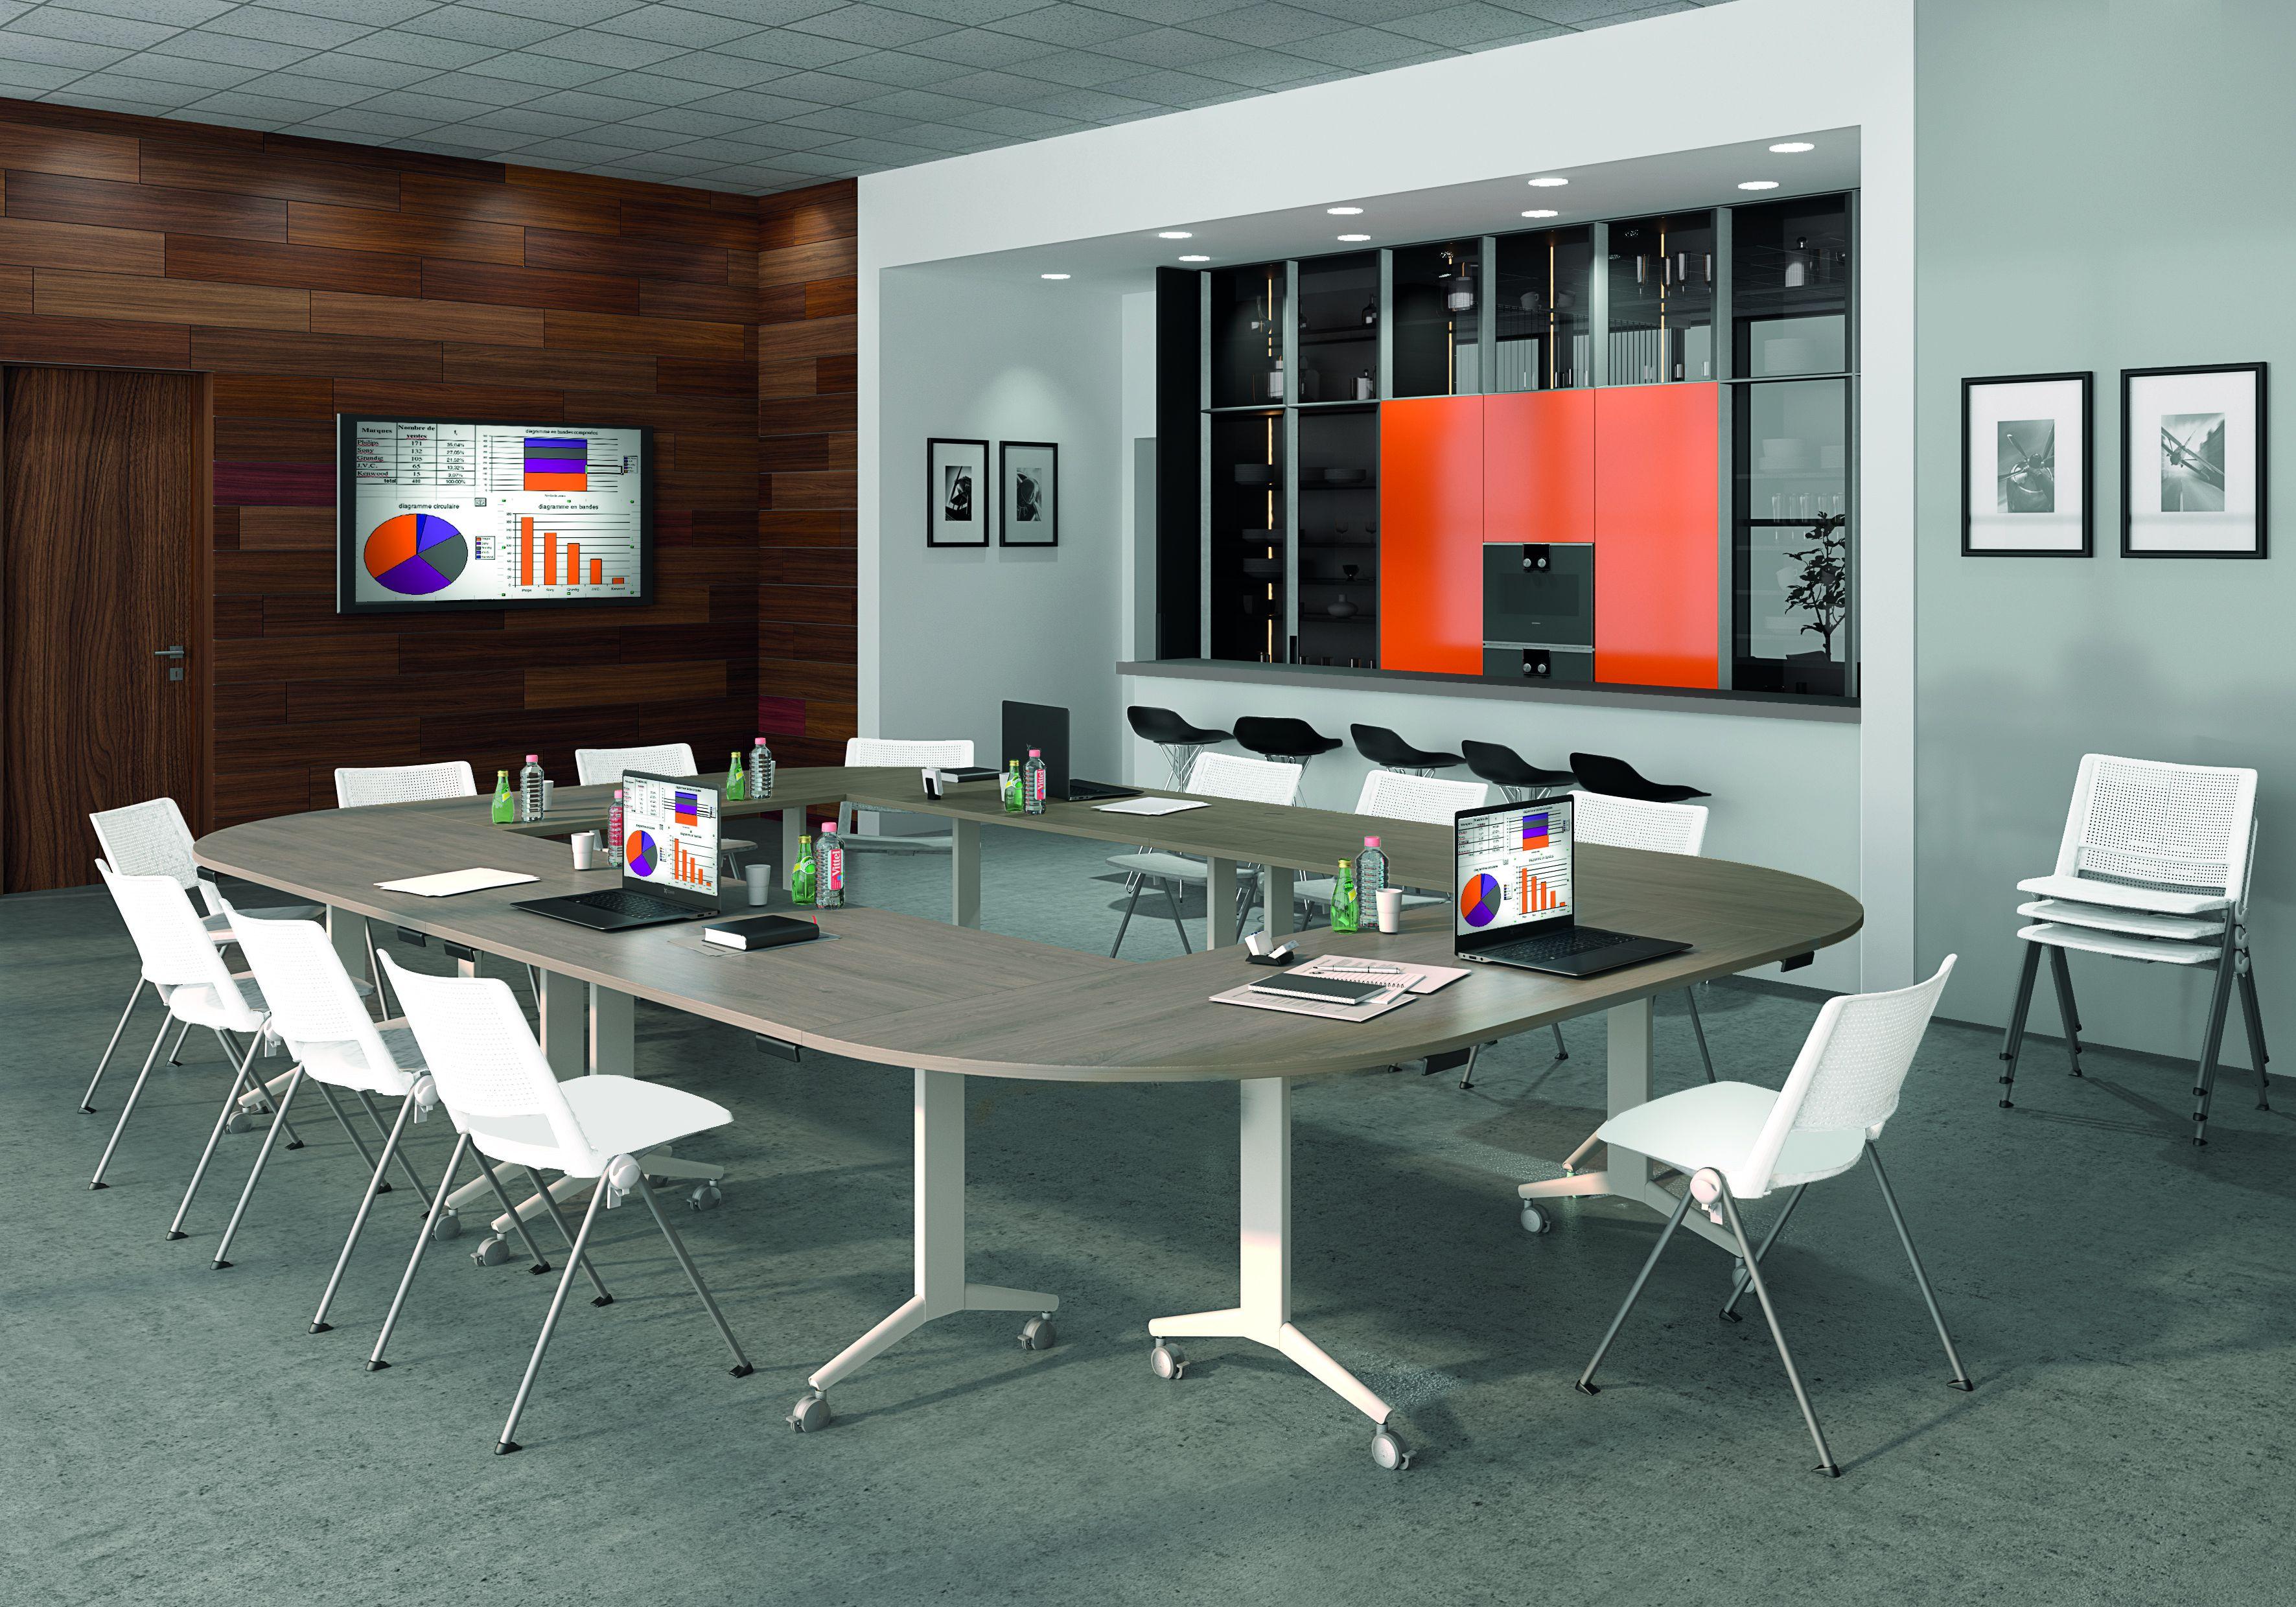 Table de réunion abattantes - L160 x P80 cm - pied blanc - plateau imitation hêtre